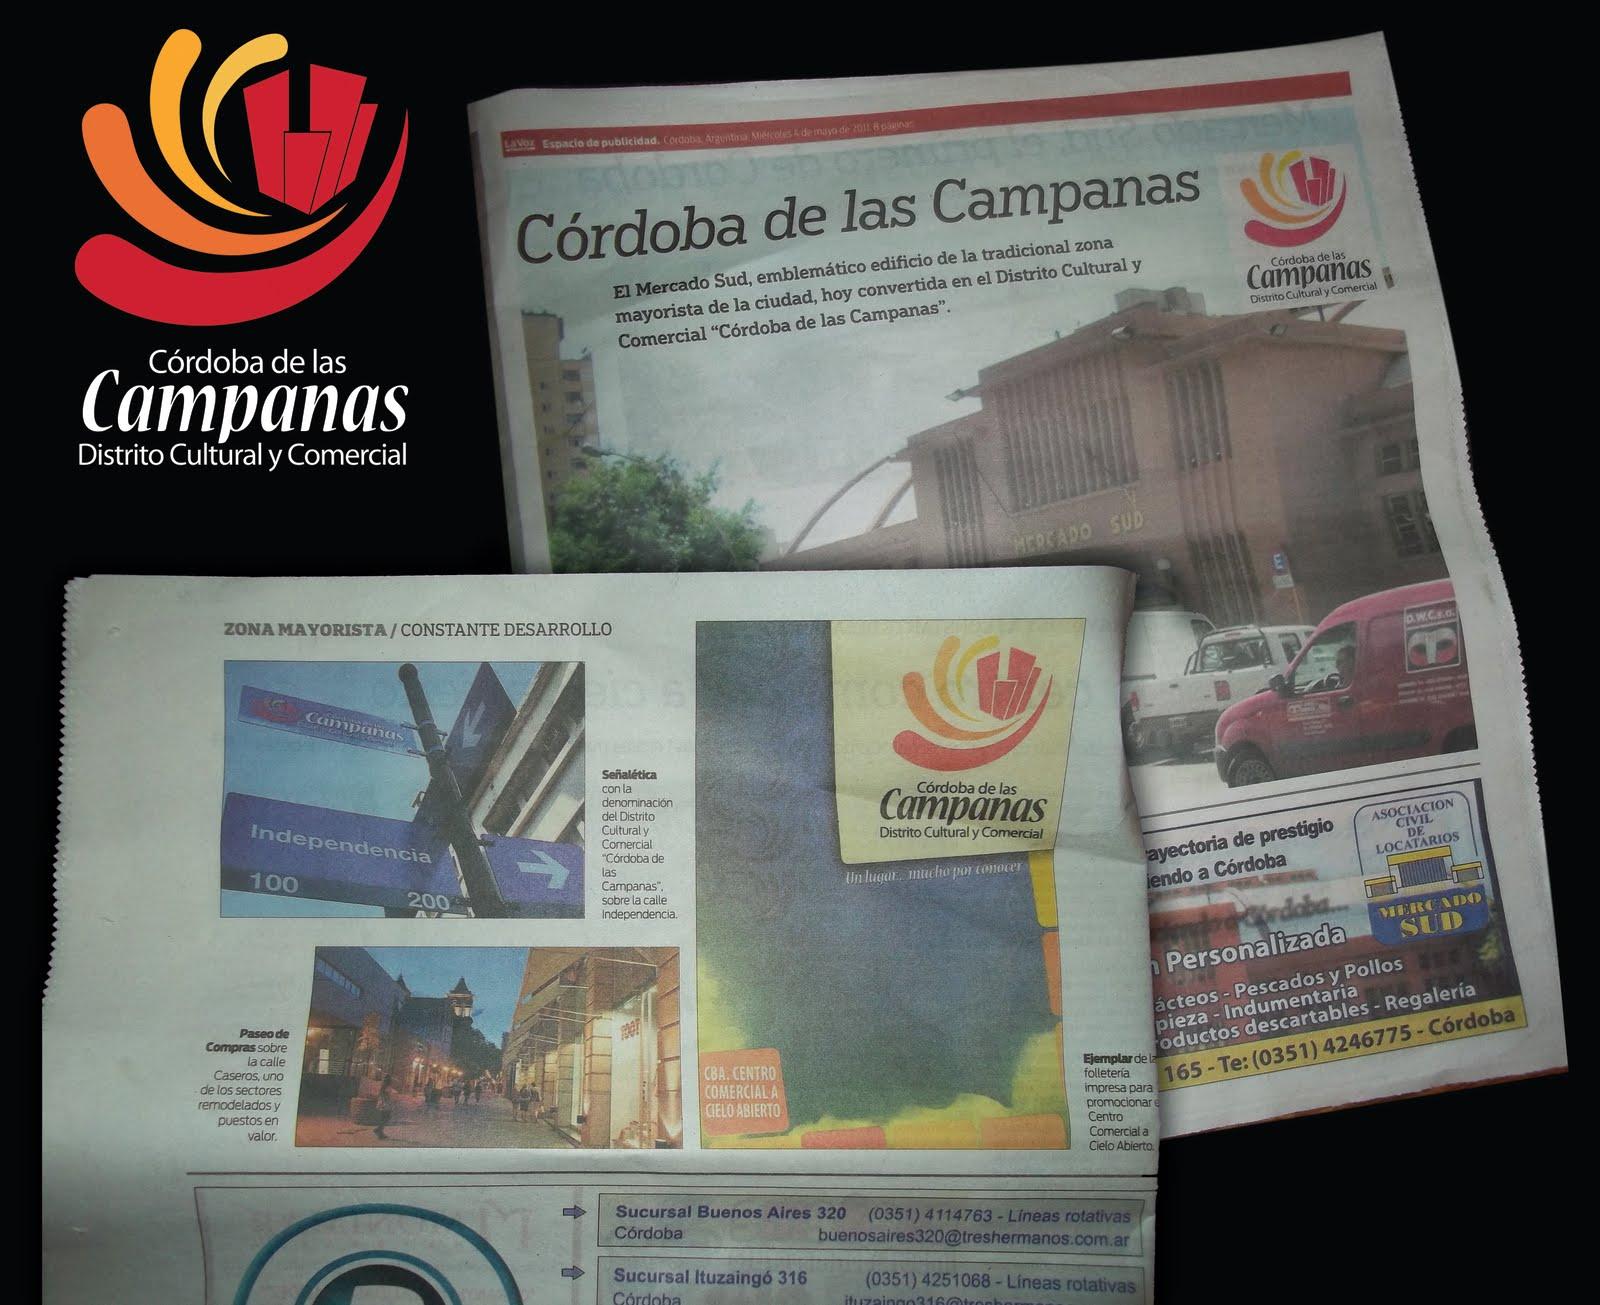 Hernan paredes blog suplemento del diario la voz del for Lavoz del interior cordoba